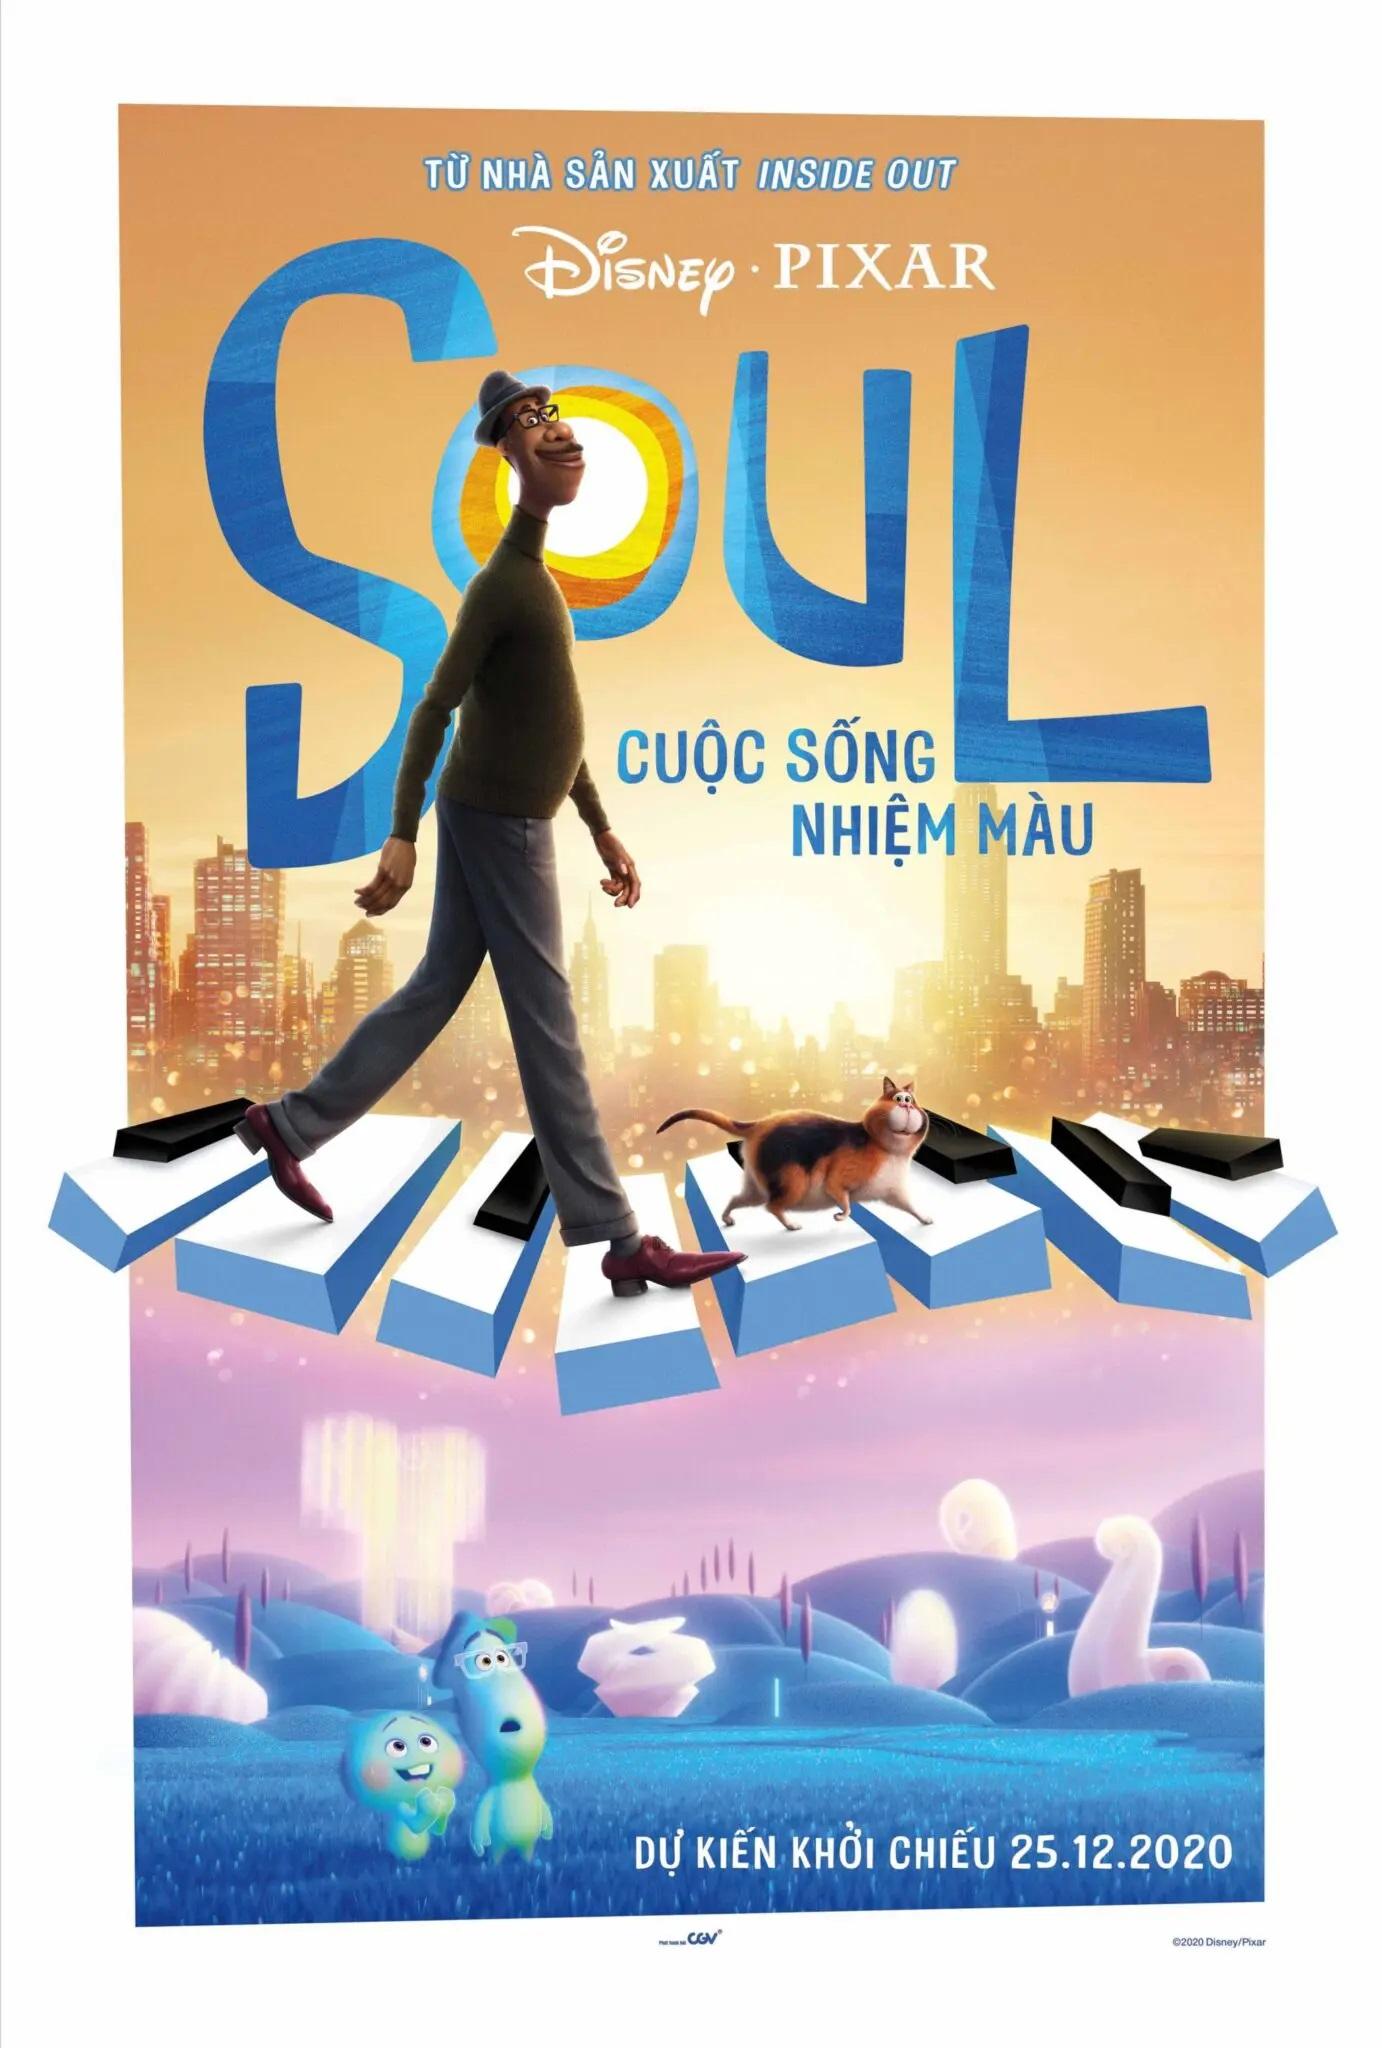 335 - Soul 2020 - Cuộc Sống Nhiệm Màu